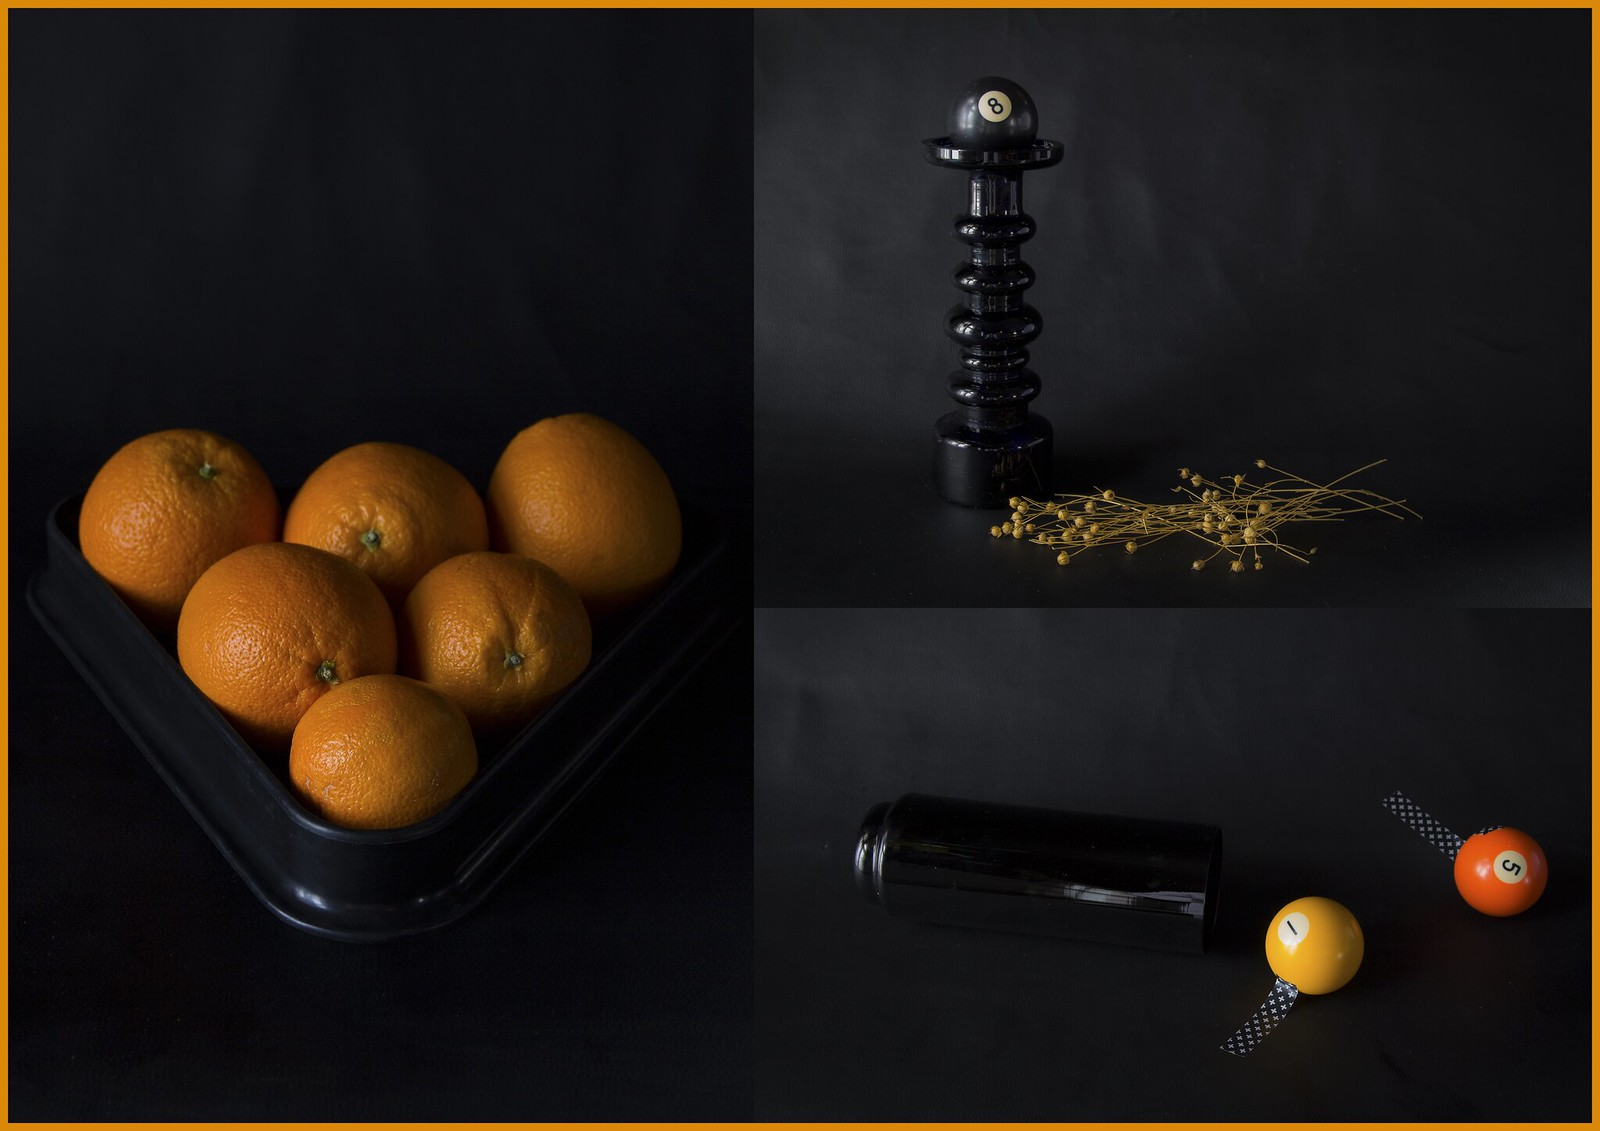 Värikollaasi: Musta, oranssi, keltainen